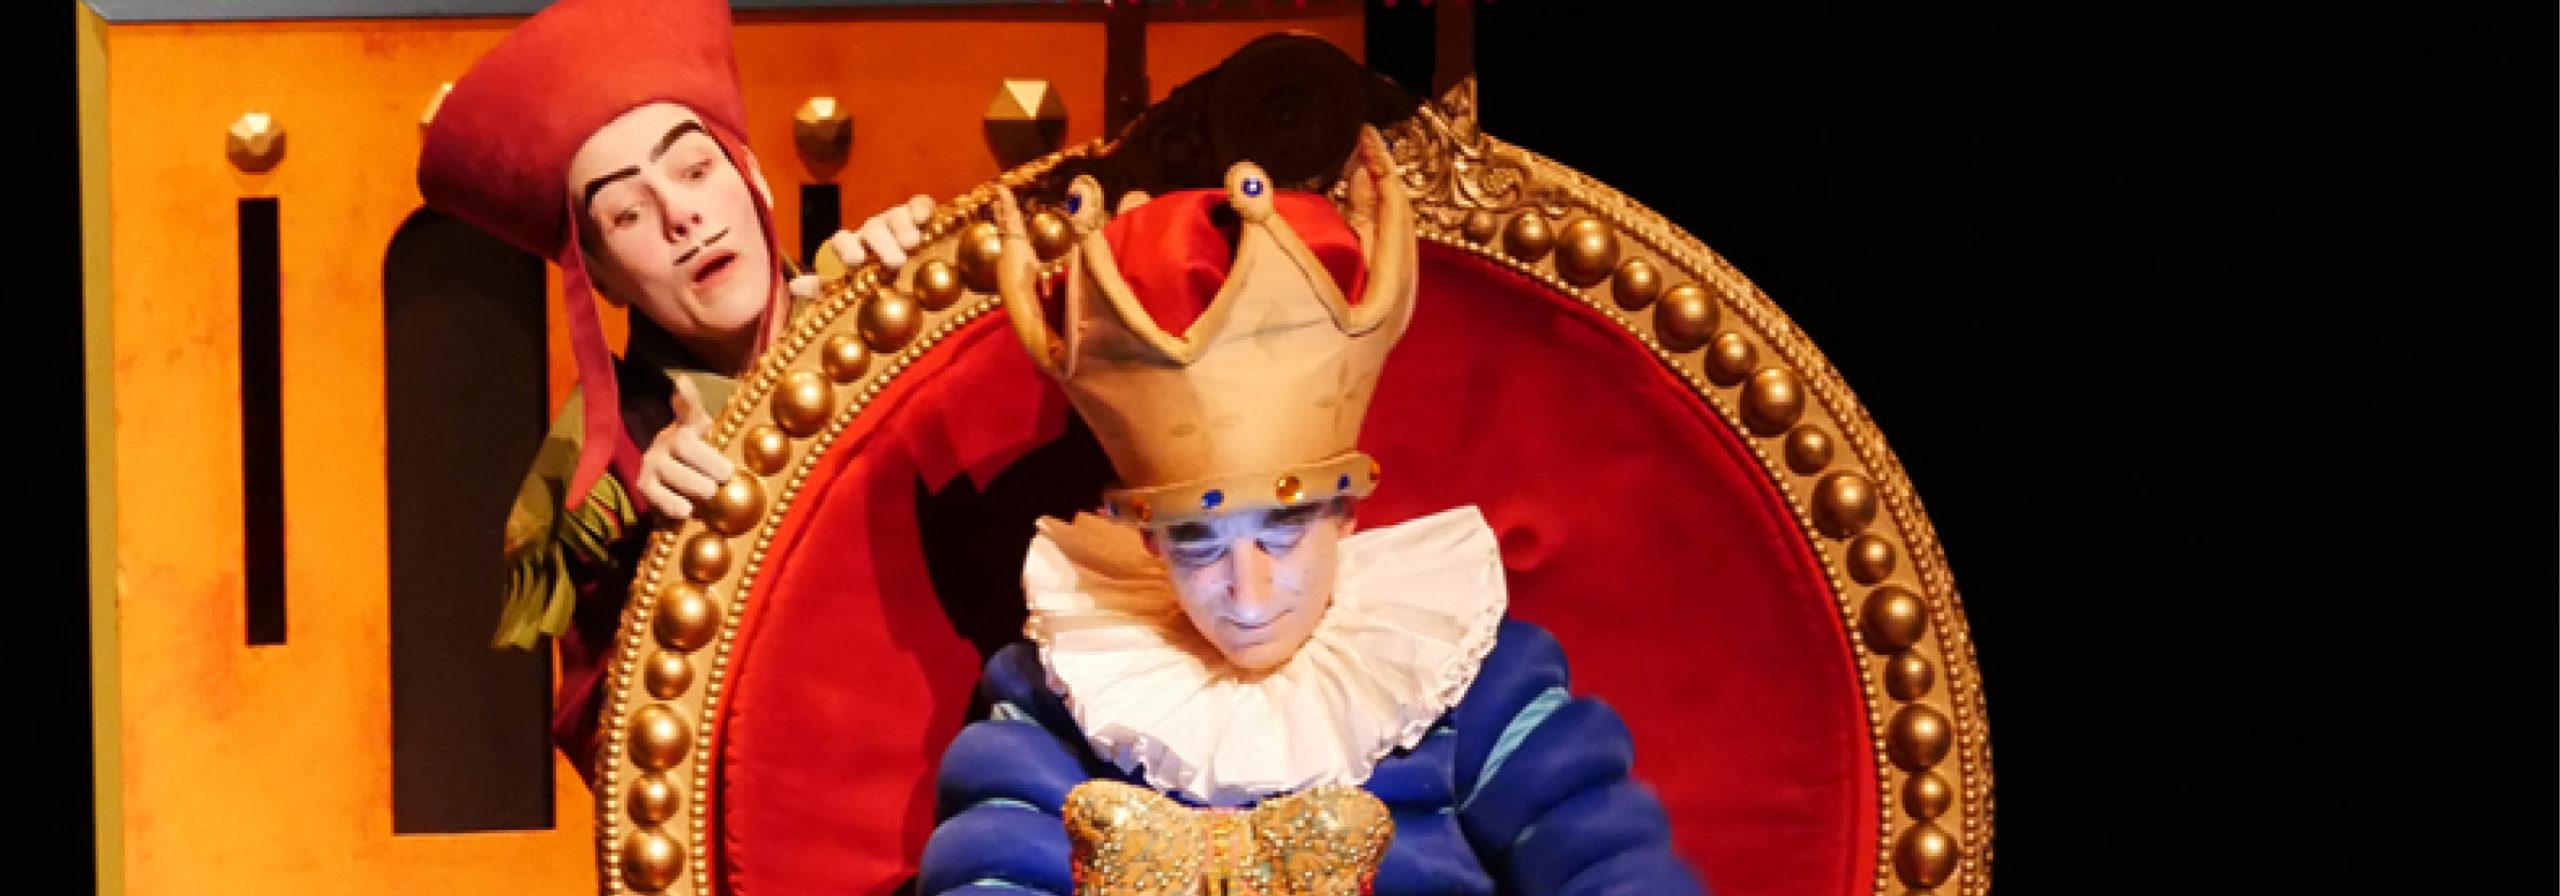 Le spectacle pour enfants L'Empereur et le Rossignol